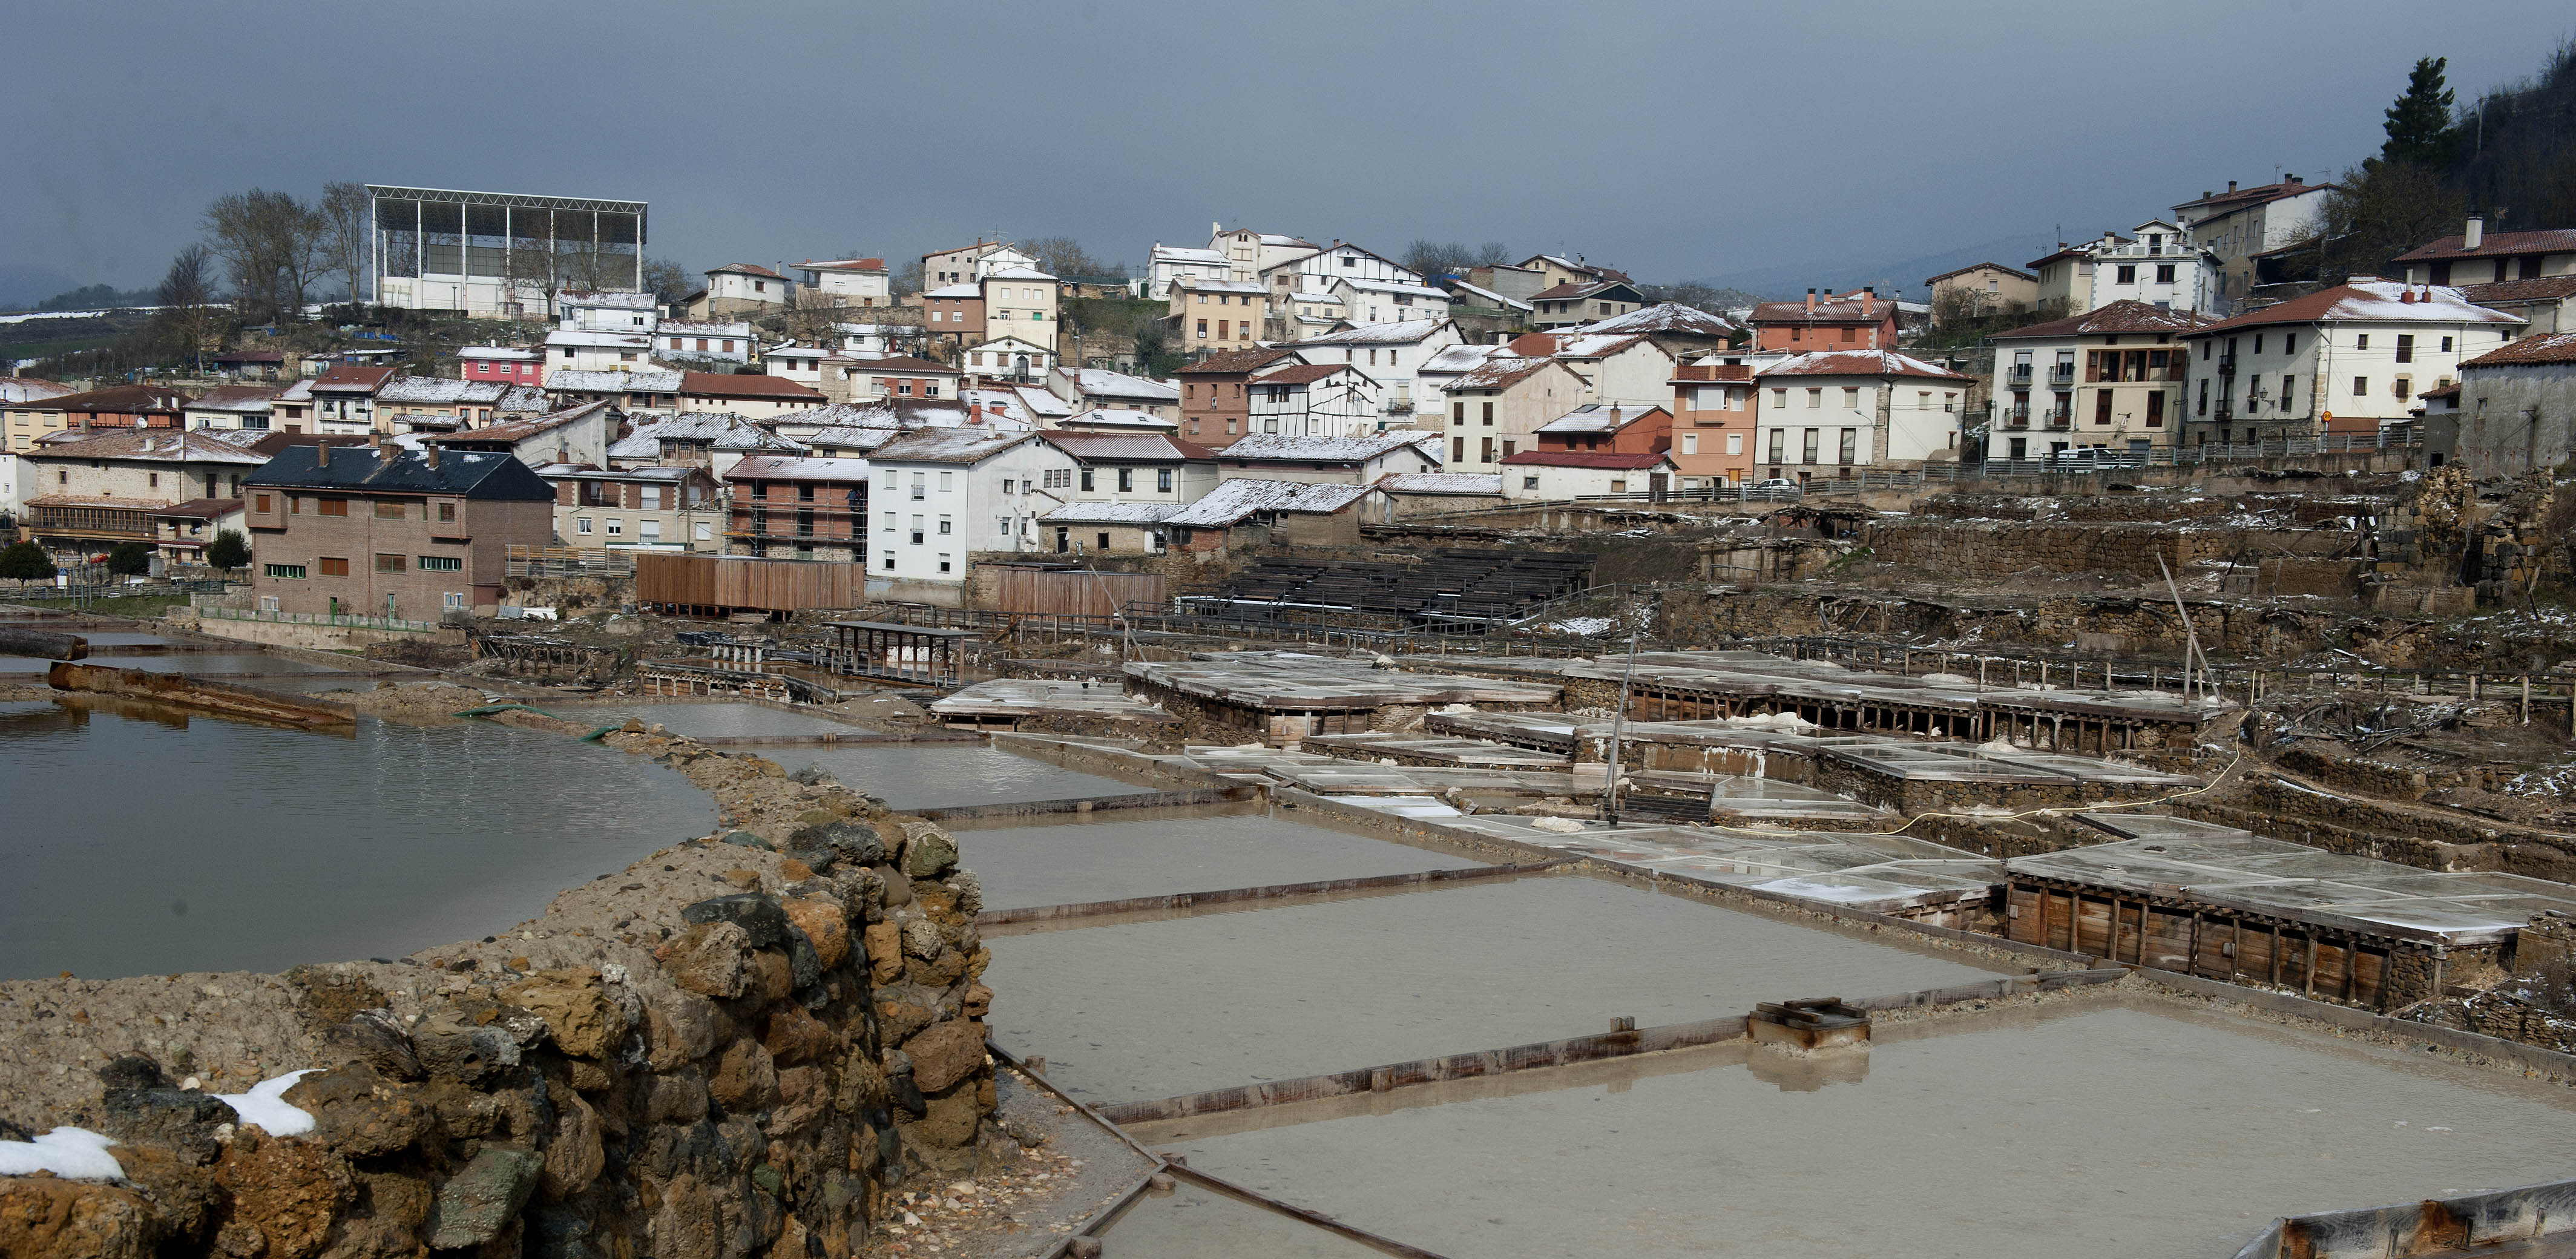 2012_02_10_rivera_visita_salinas_19.jpg